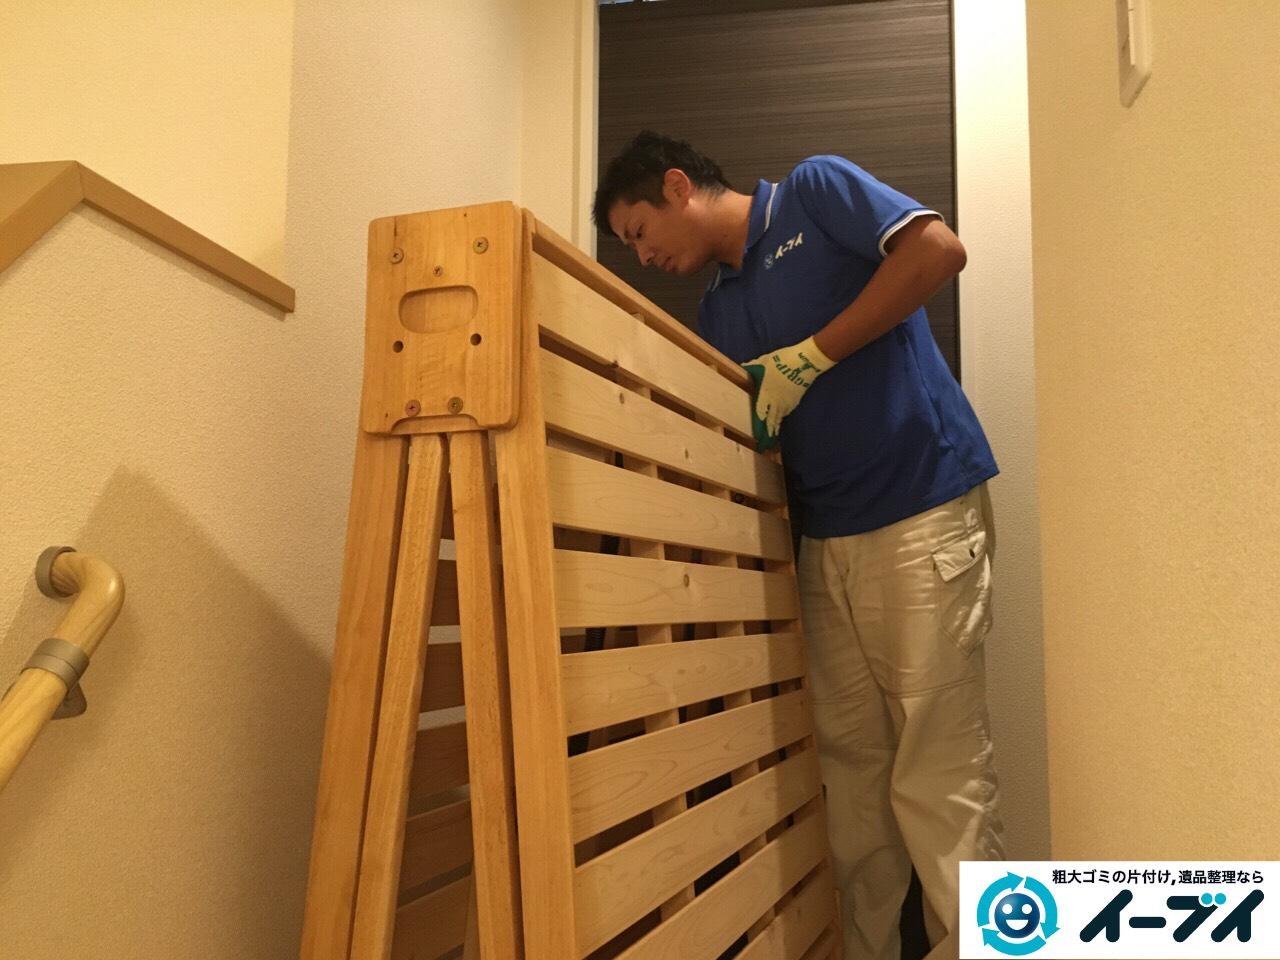 10月13日 大阪府堺市美原区で折り畳みすのこベッドの家具の粗大ゴミを不用品回収しました。写真2